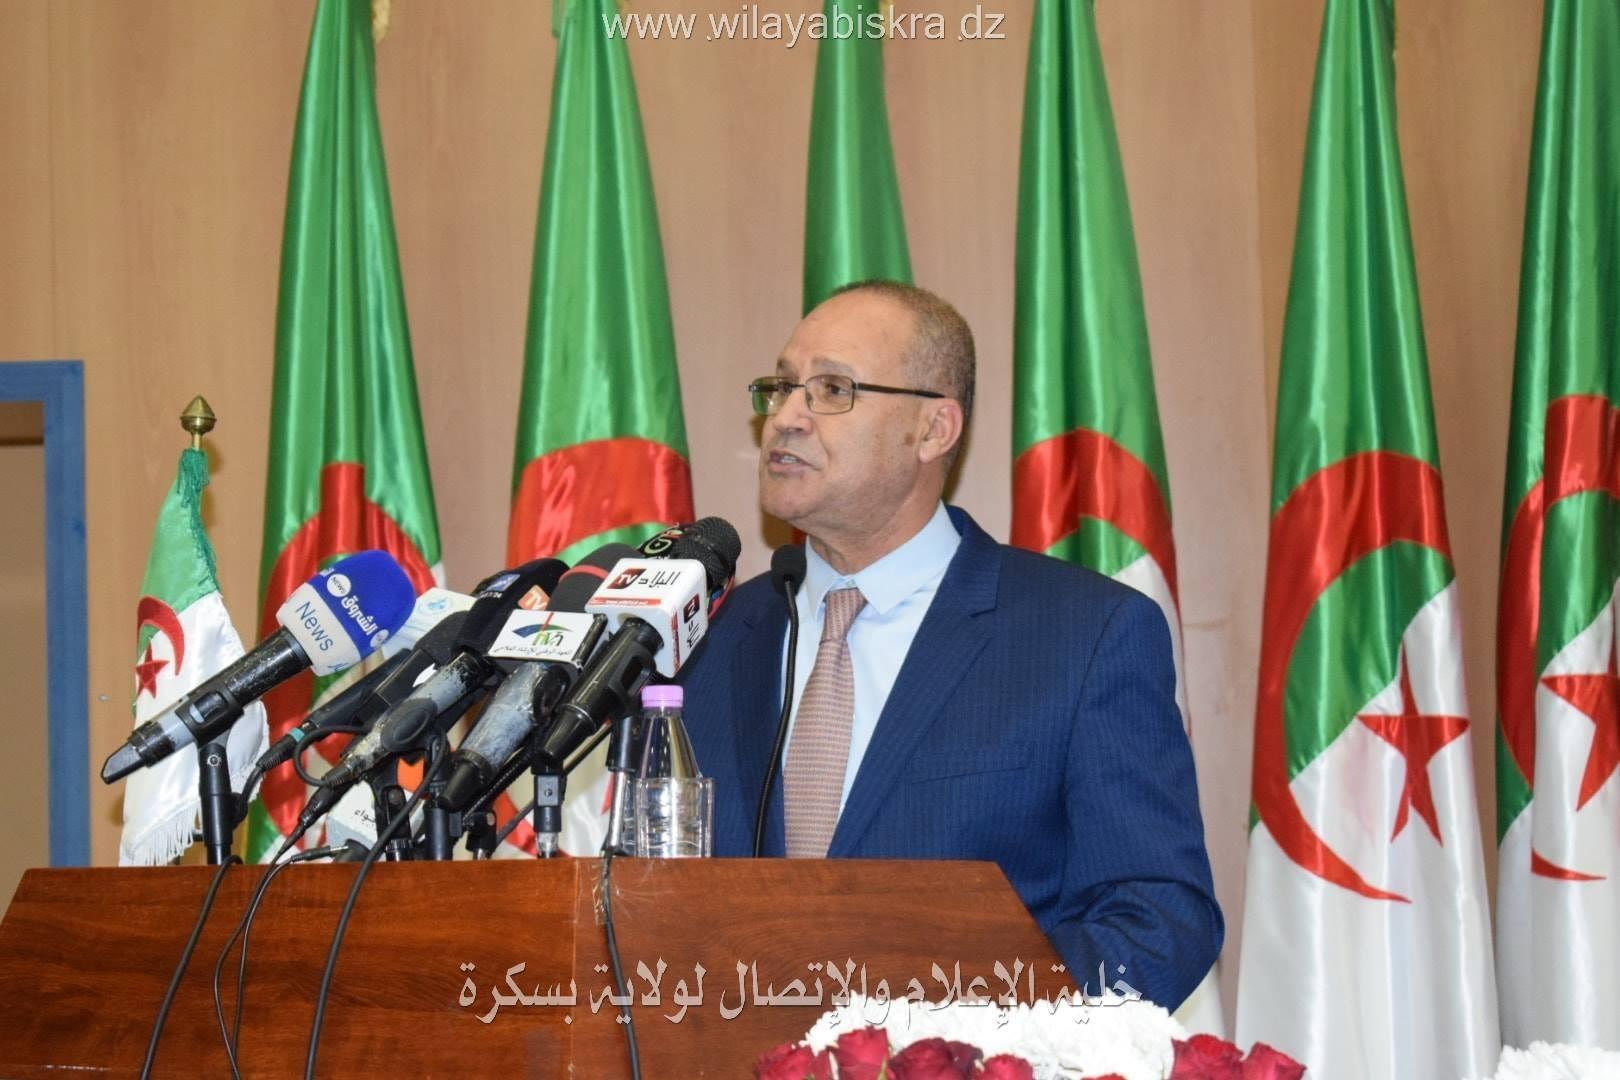 مداخلة السيد عبد القادر بوعزغي،وزير الفلاحة و التنمية الريفية و الصيد البحري